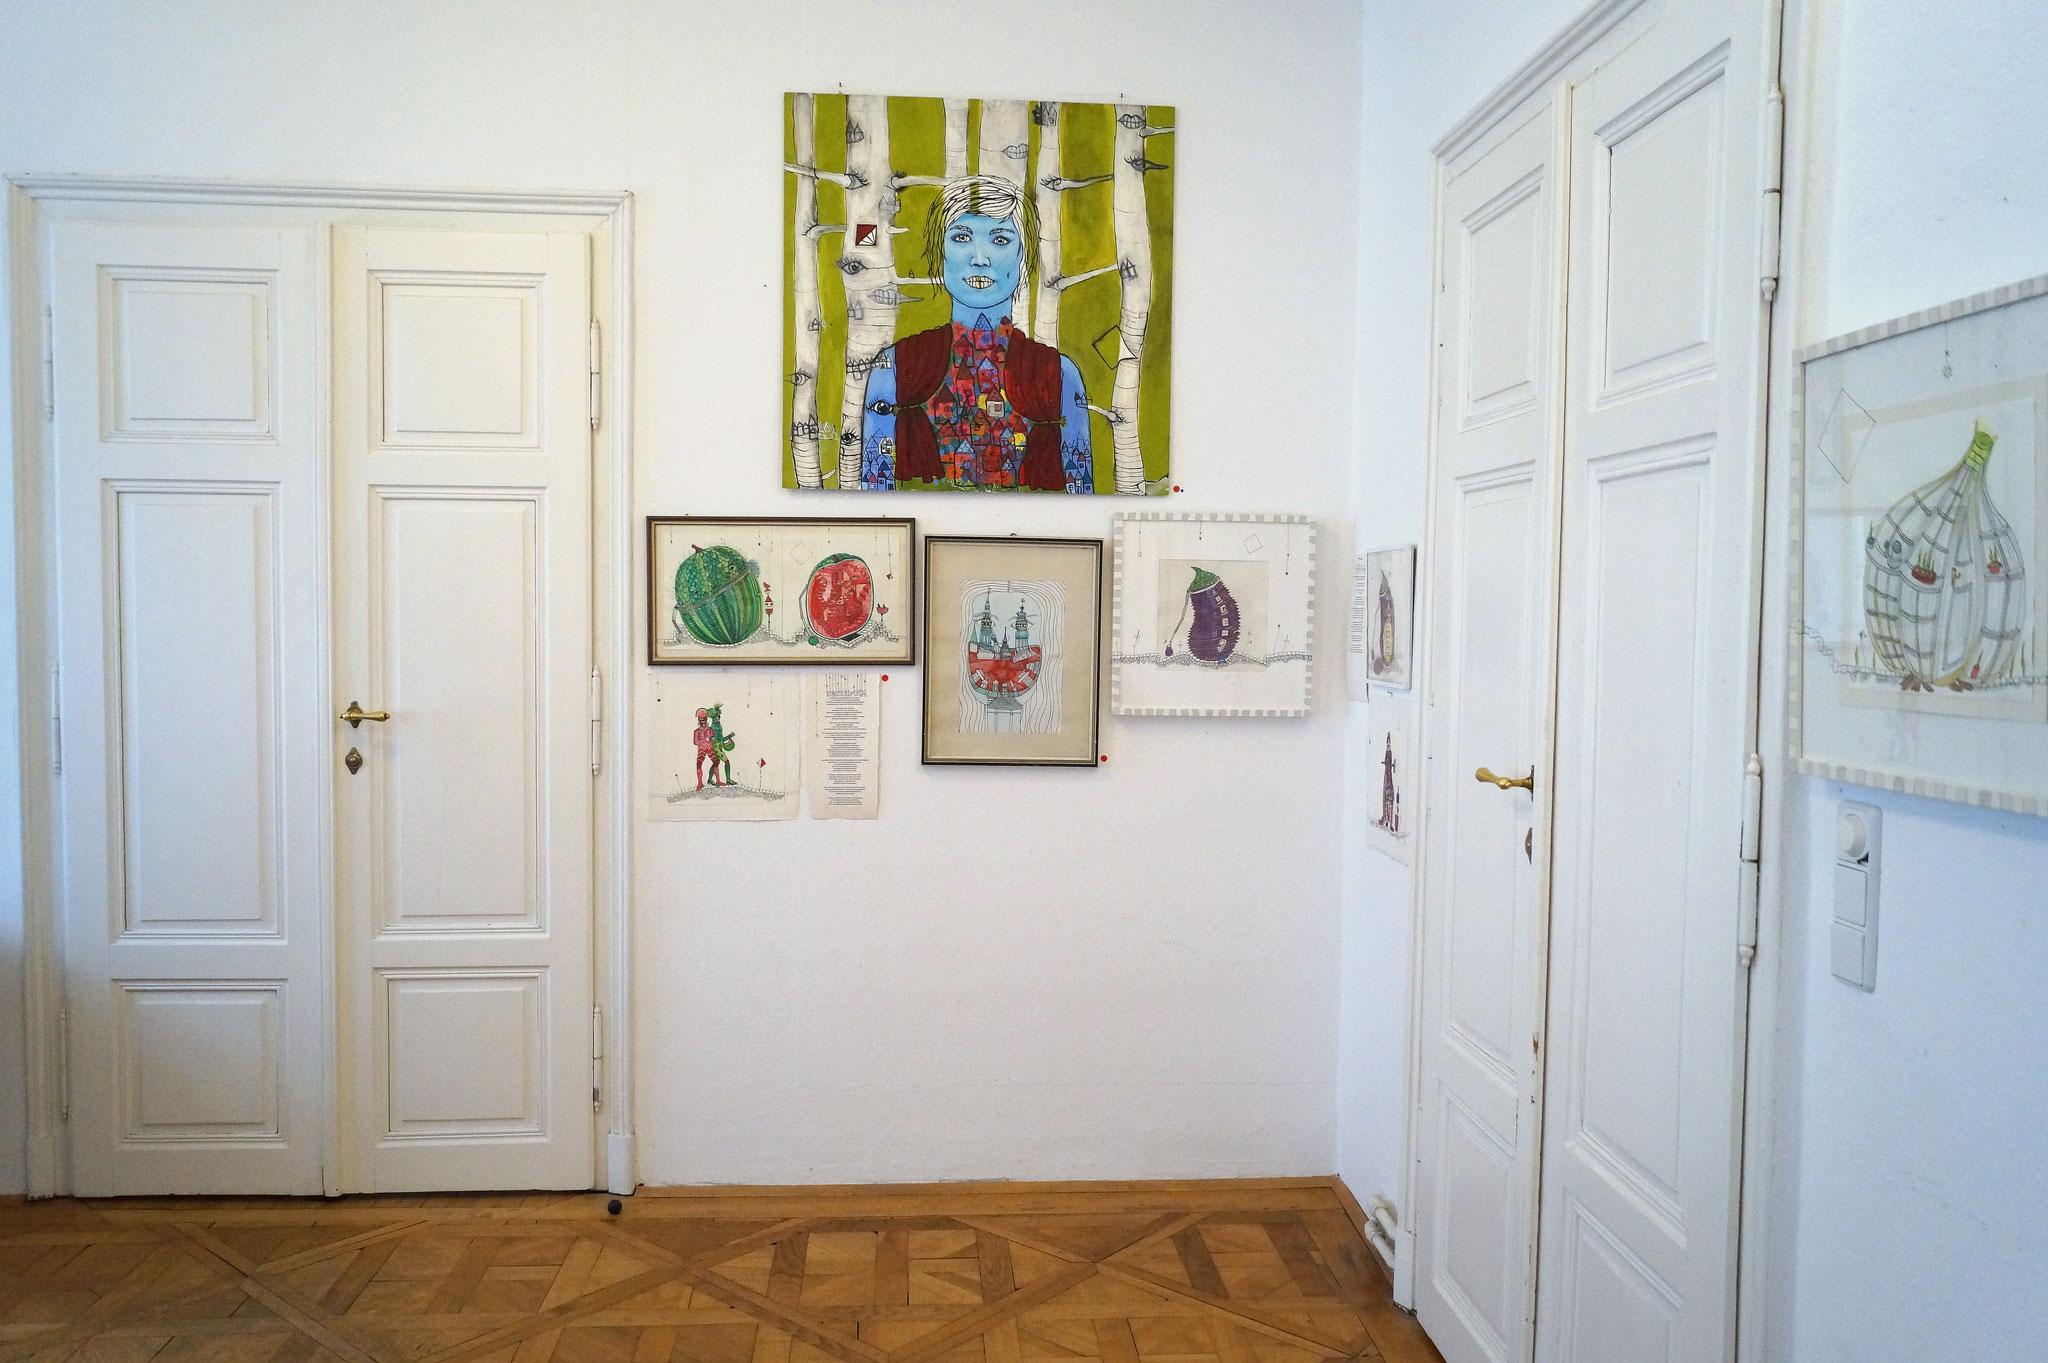 Wien Ausstellung 'Sinnesfreudenwerk' März bis April 2018